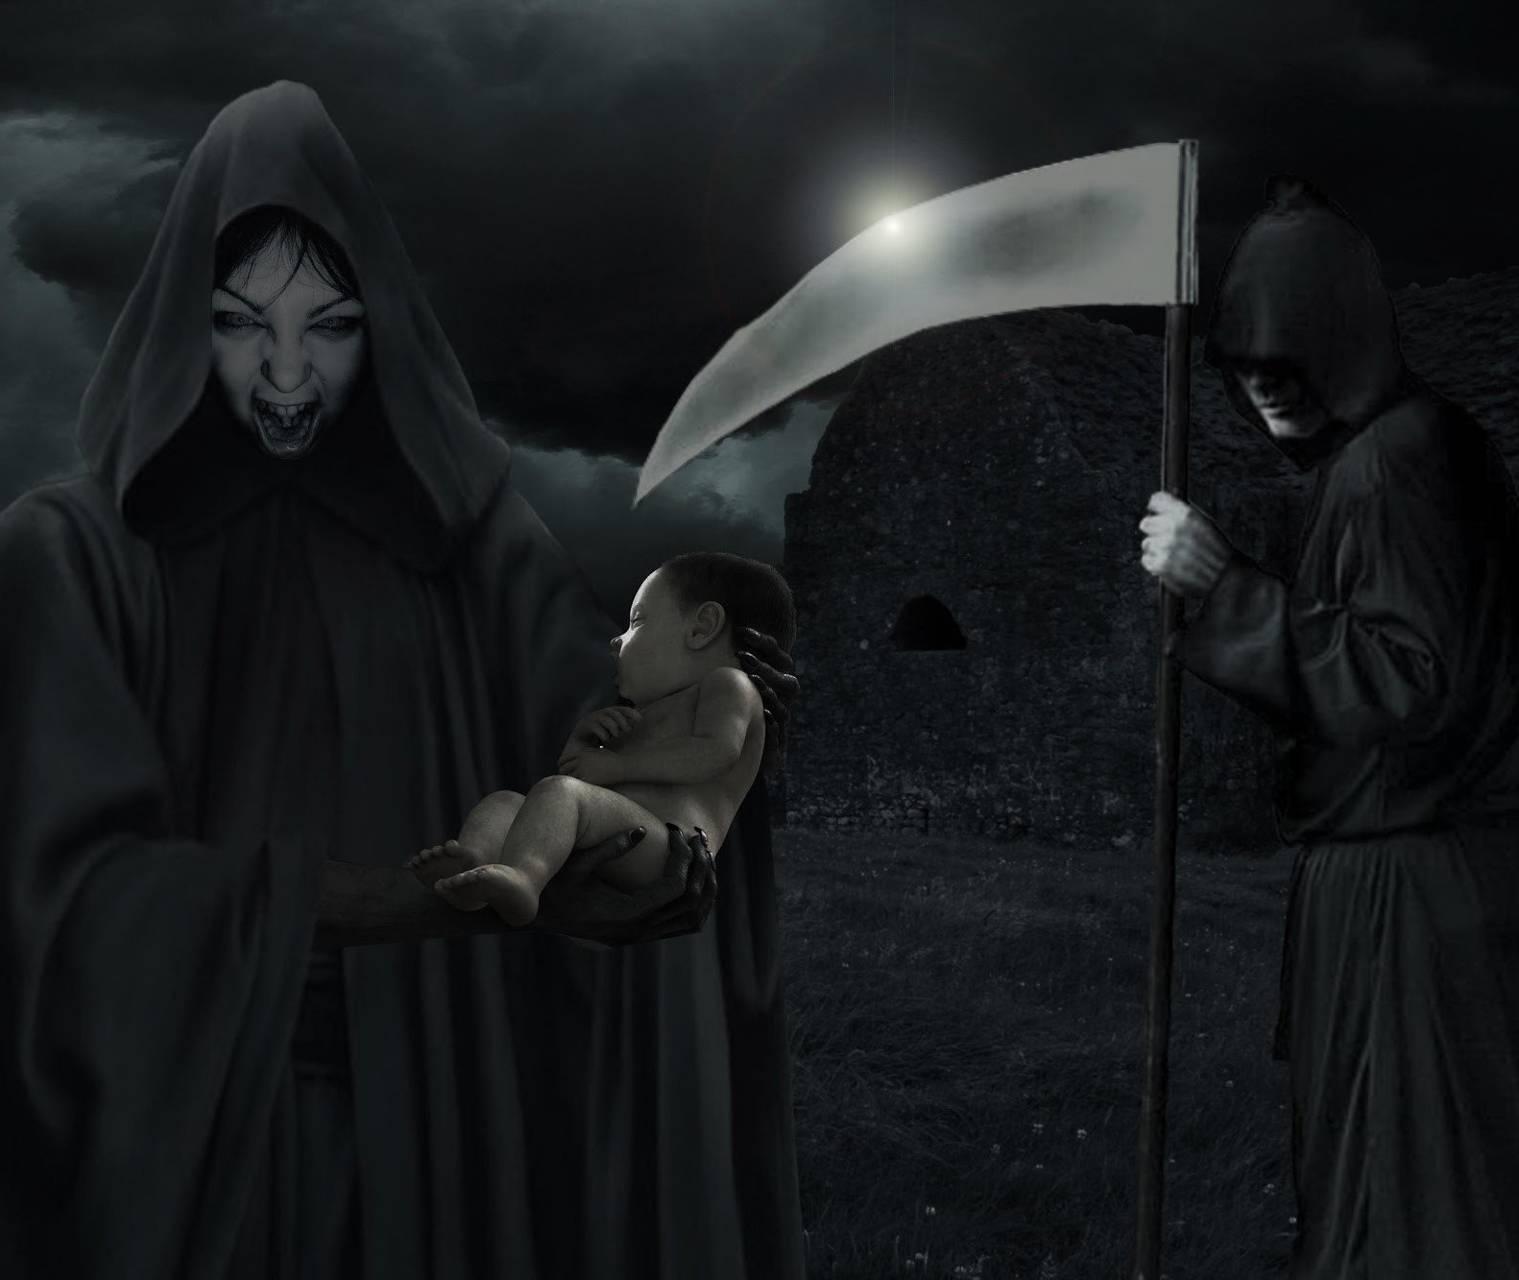 Ангел смерти — способы вызова, защита и легенды